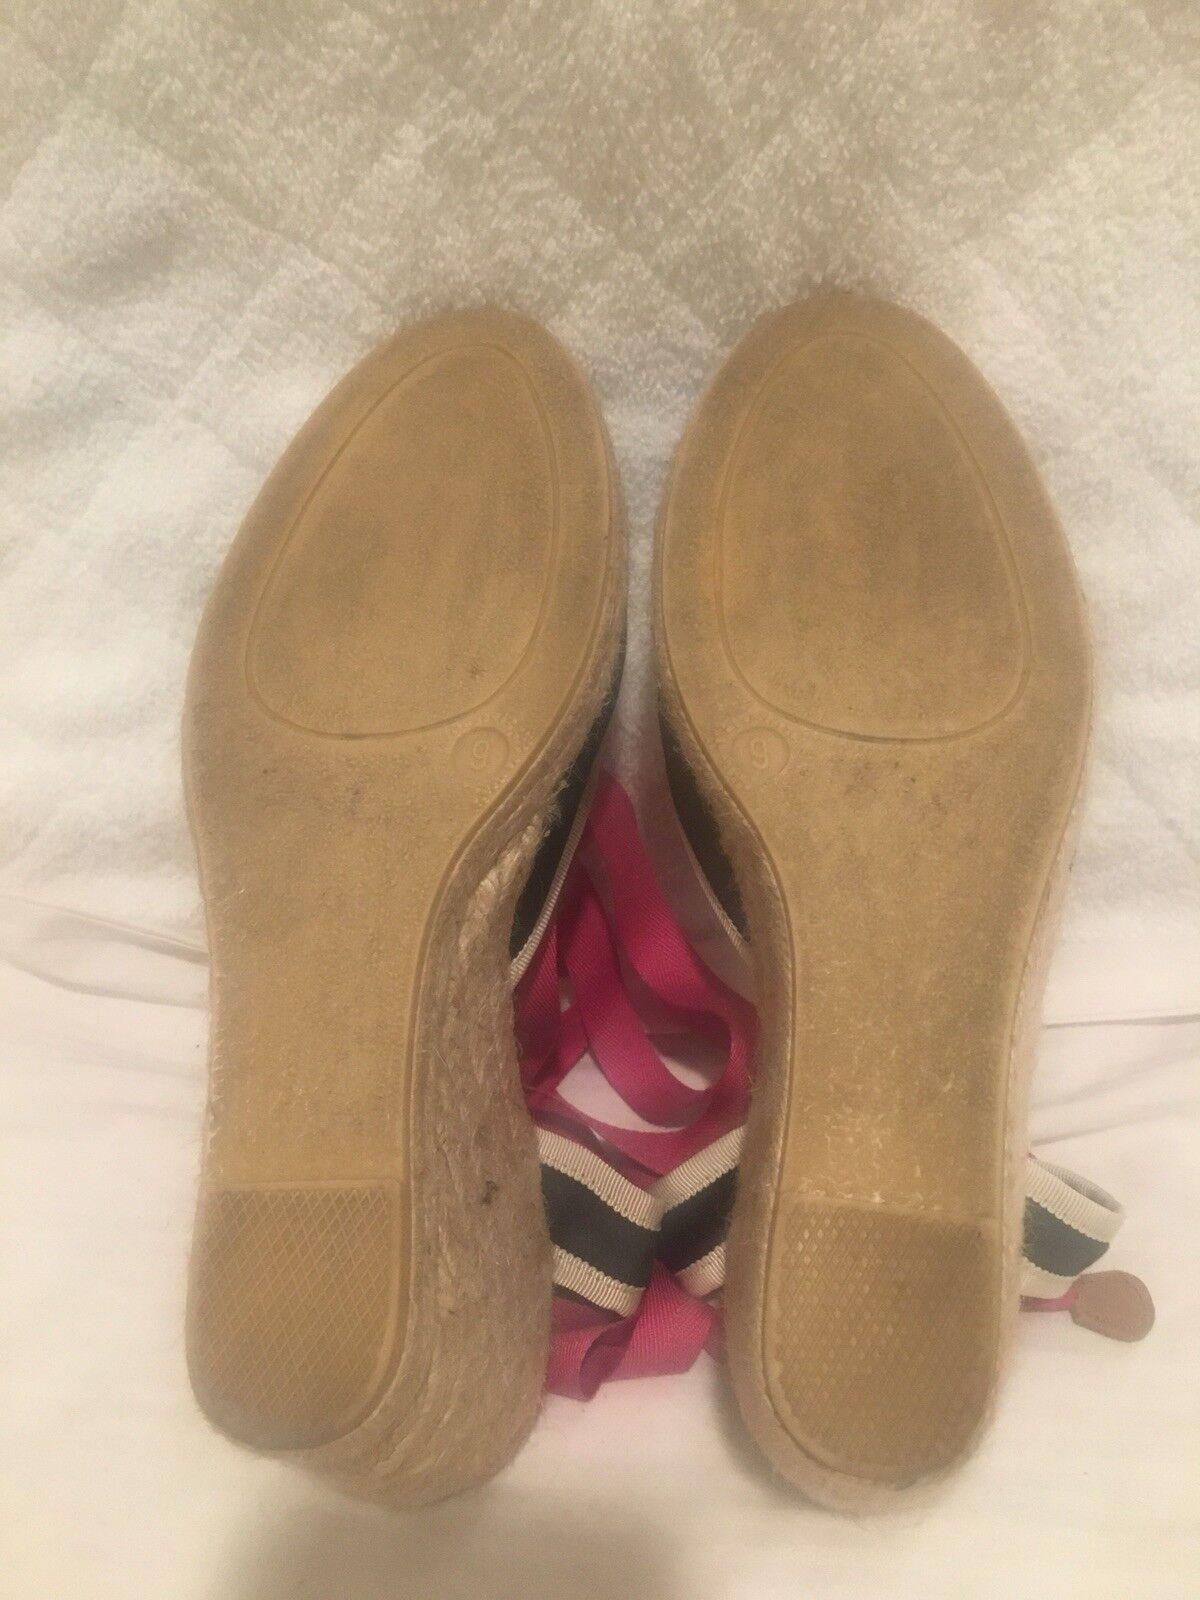 J. Schuhe CREW ESPADRILLE WEDGE BALLERINE LACE UP Schuhe J. SZ 9 NAVY SANDALS d7347e